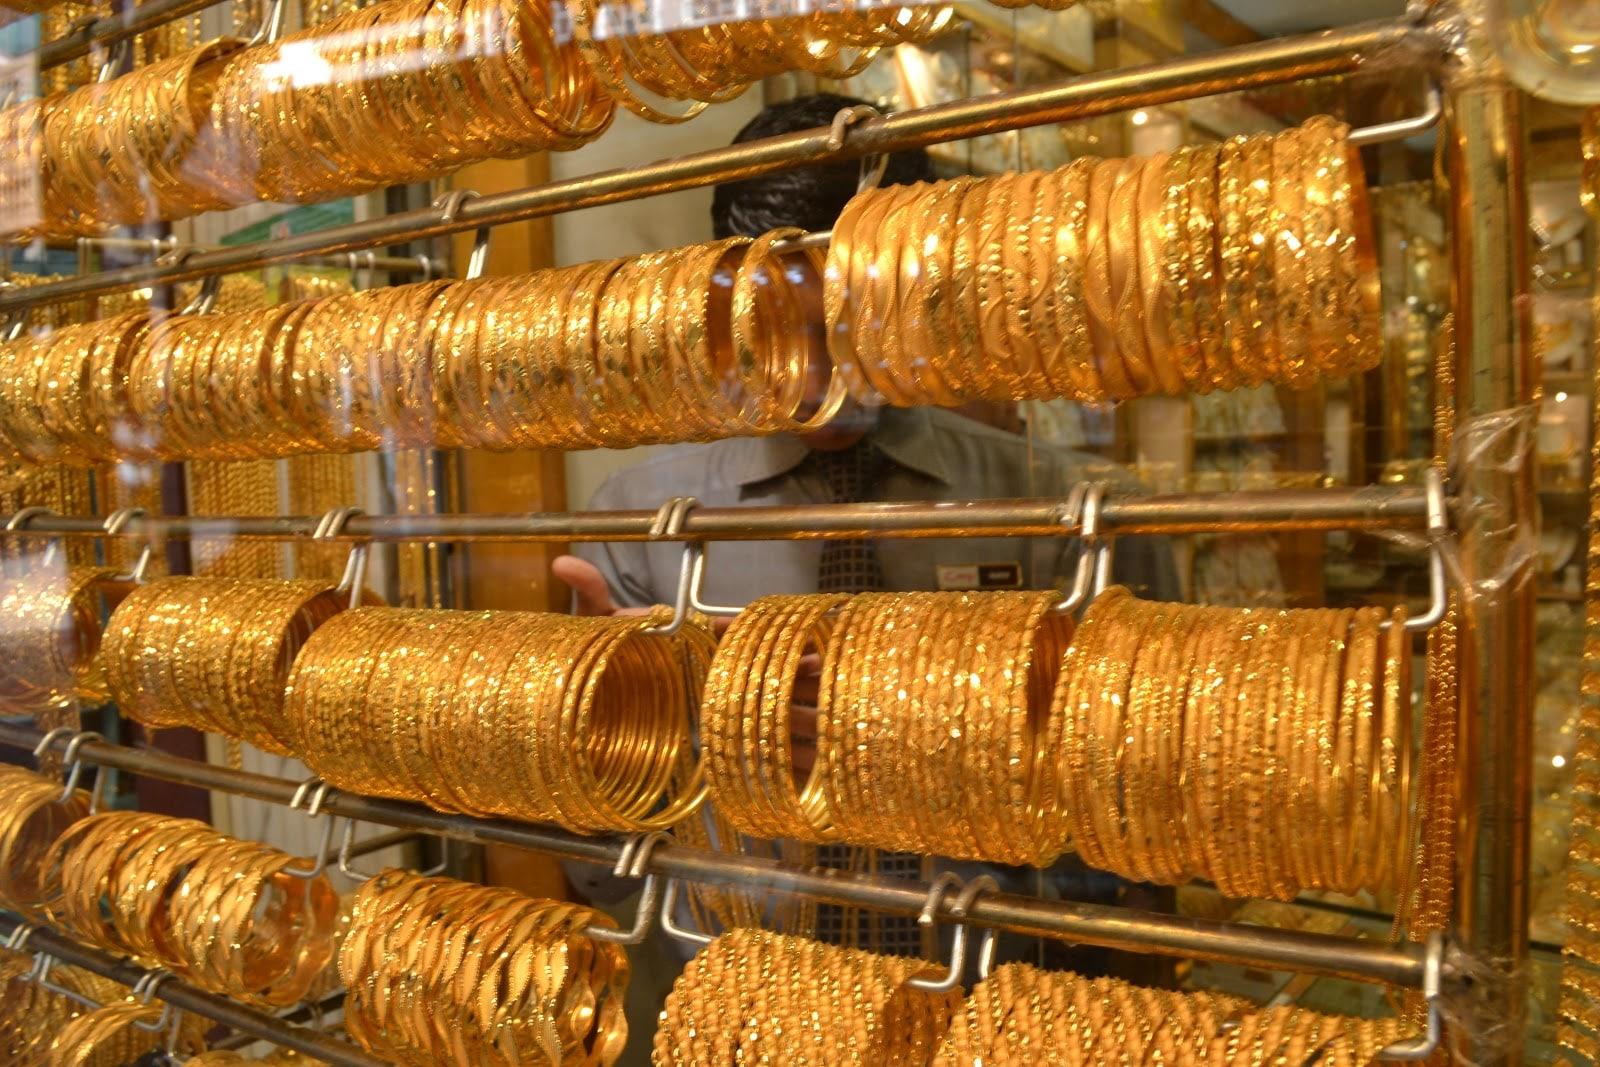 दिल्लीत 99.9 टक्के शुद्ध सोन्याची किंमत 280 रुपयांनी वाढून ती 35,950 रुपये झालीय. तर 99.5 टक्के शुद्ध सोन्याची किंमत 35,780  रुपये झालीय.